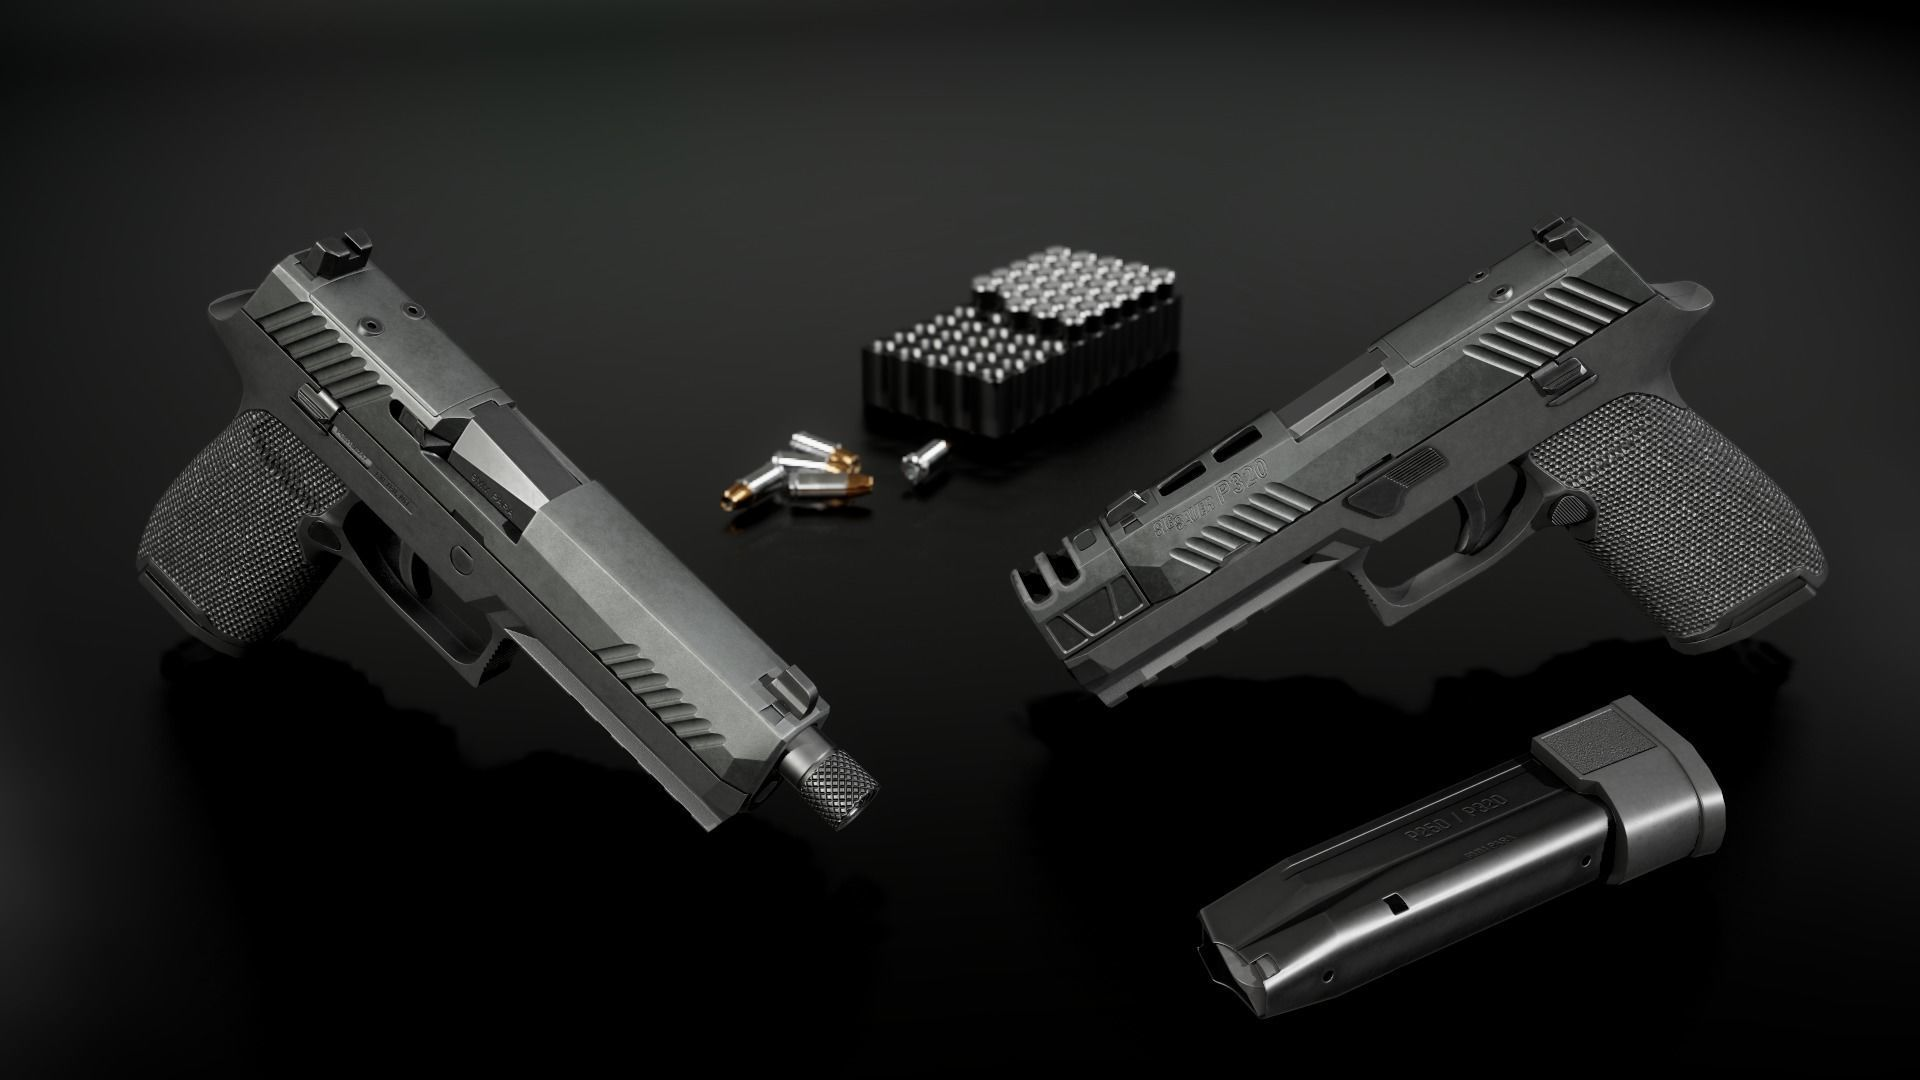 Sig Sauer P320 Full Size Modular 9MM Handgun